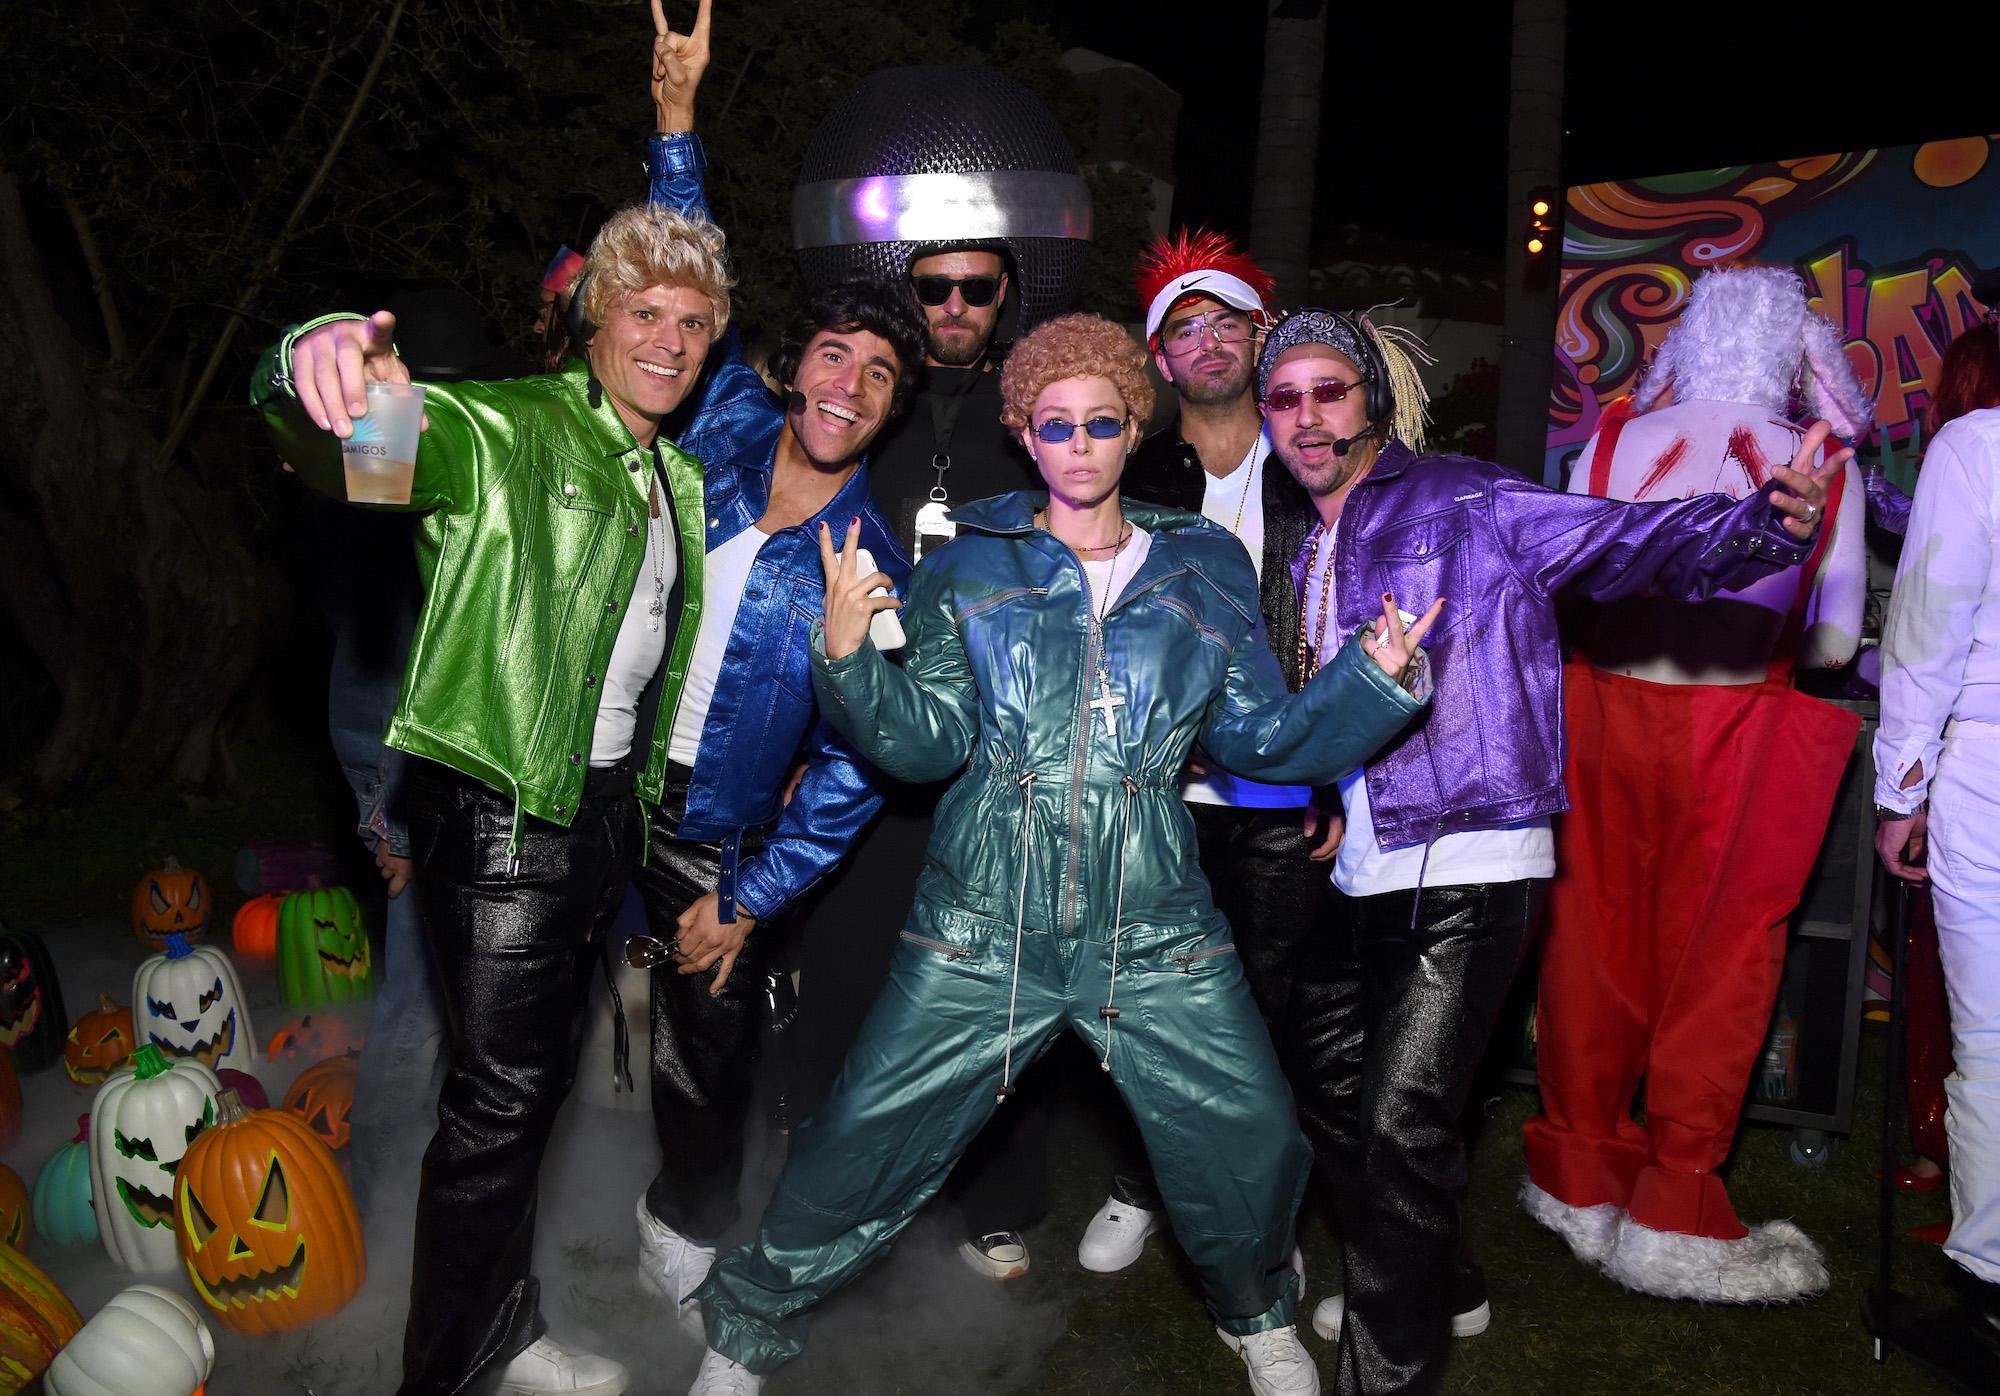 Best Celebrity Halloween Costumes of 2019